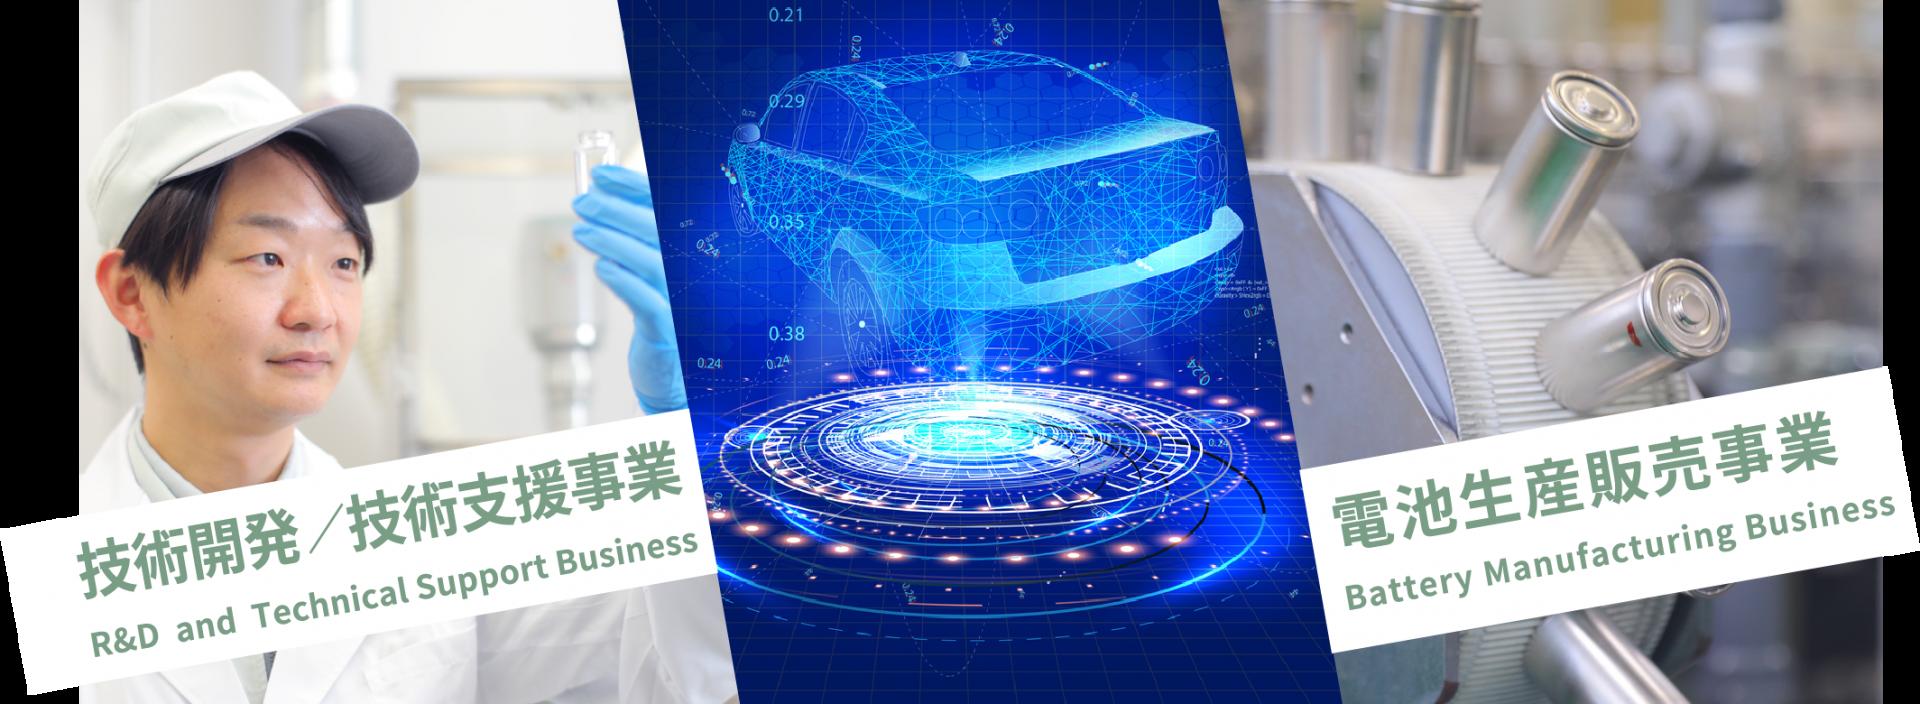 技術開発/技術支援事業、電池生産販売事業